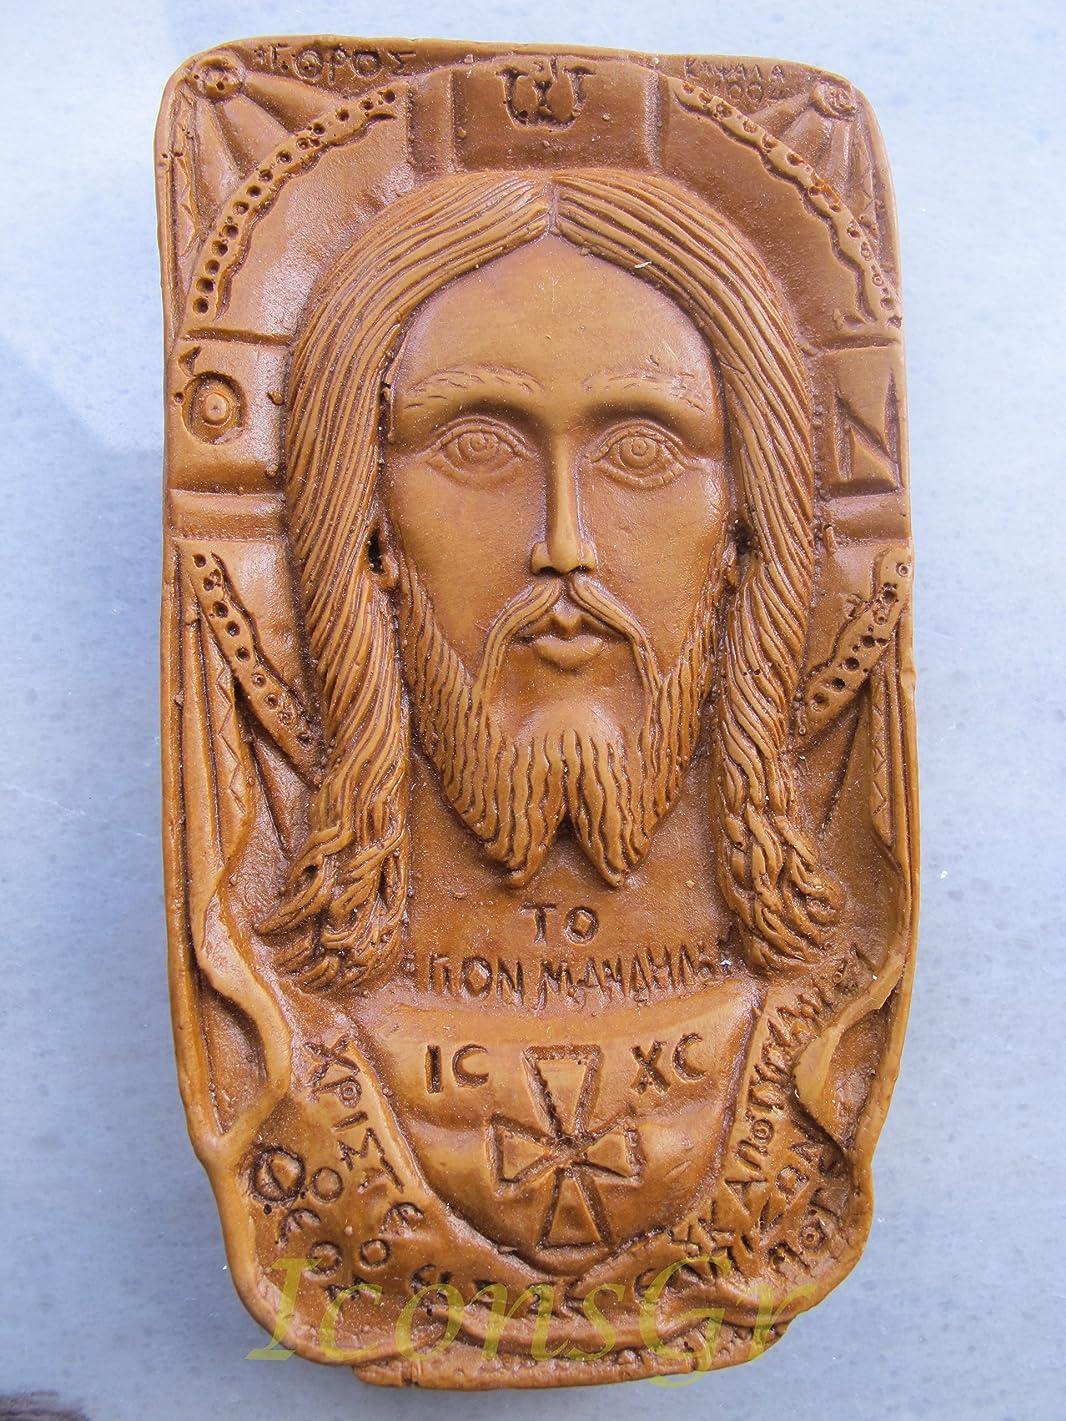 敵意大騒ぎ犯罪Handmade Carved Aromaticワックスから祝福アイコンアトスのマンディリオン125